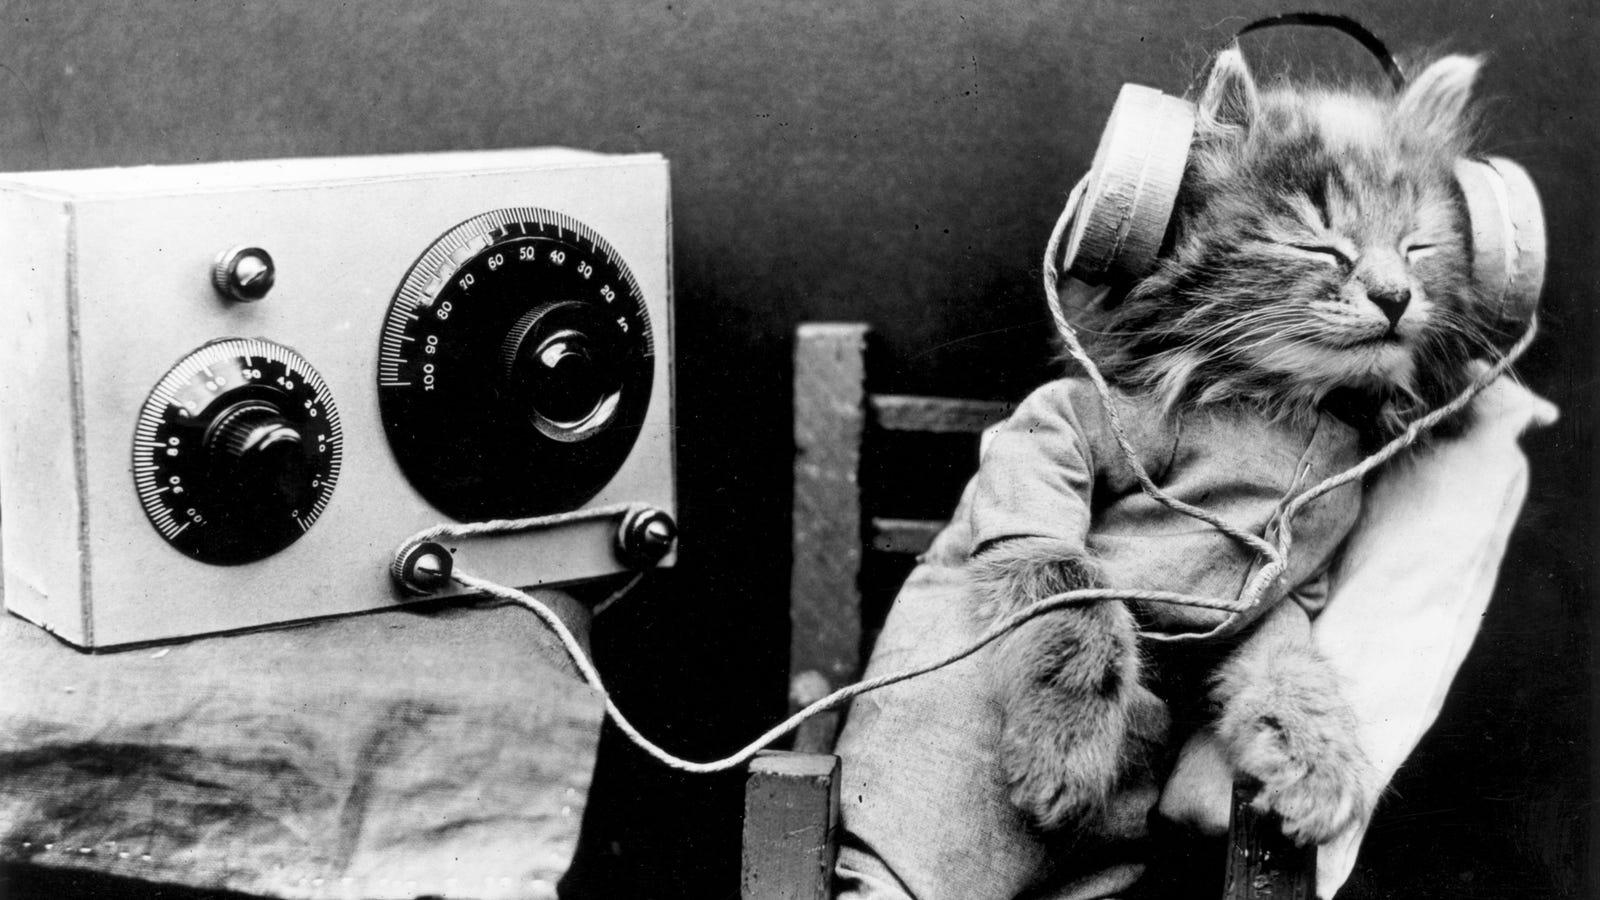 Viaje al cerebro de un gato para averiguar qué sueñan (y si son sonámbulos)